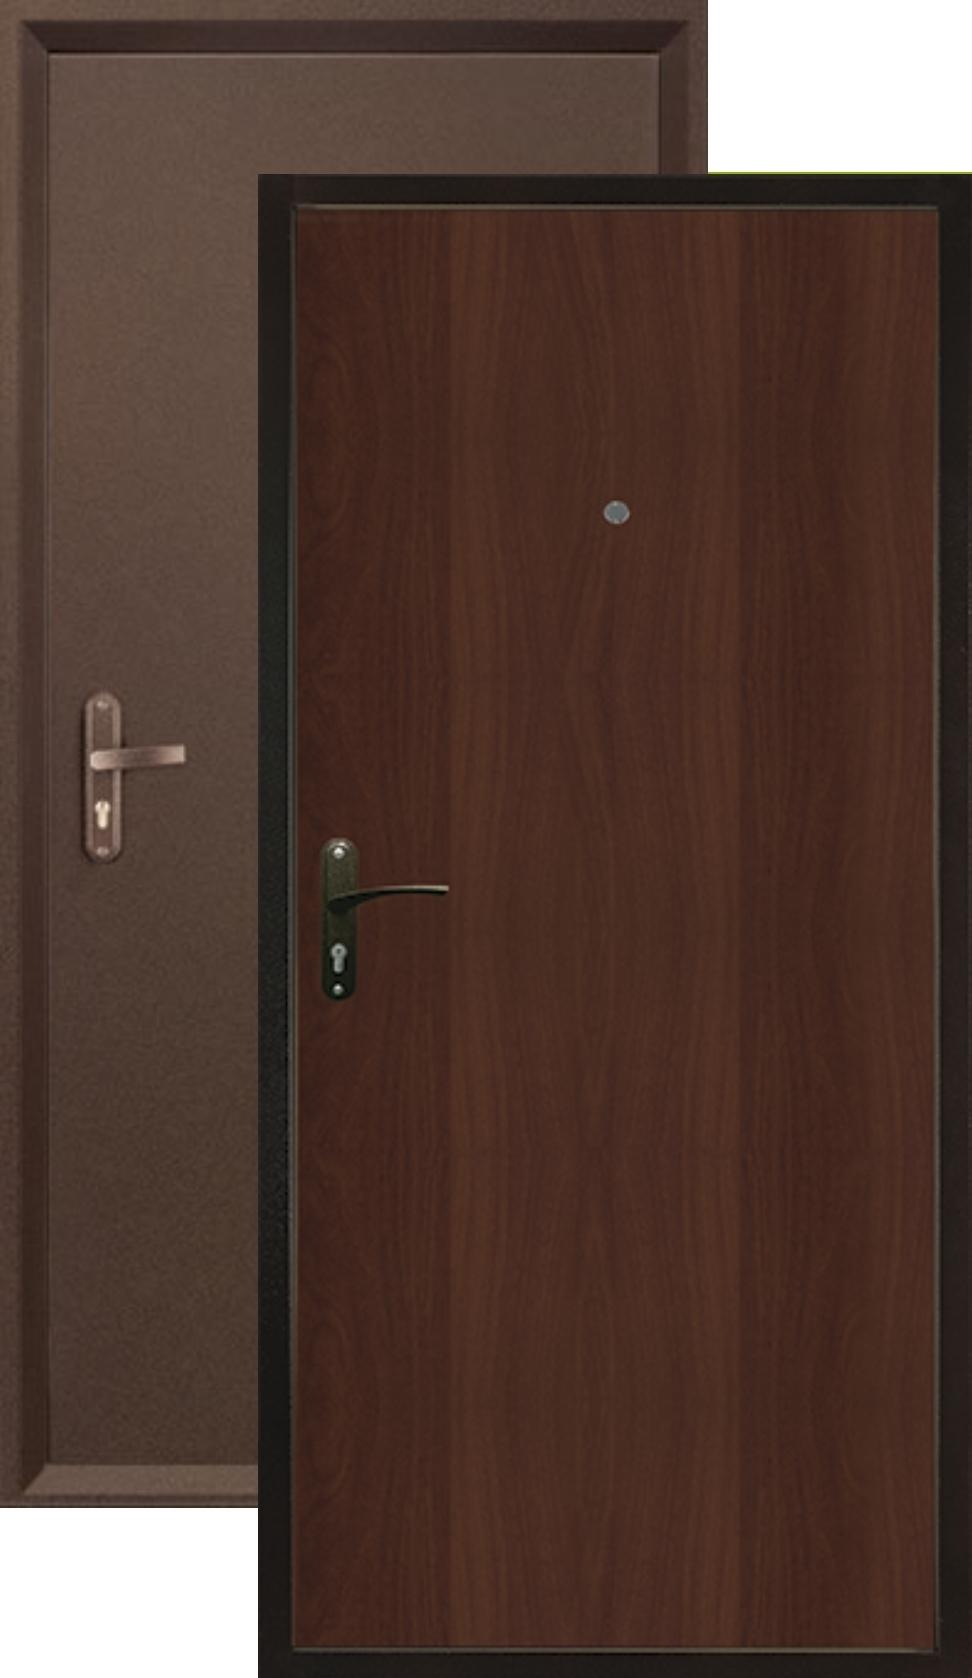 дверь входная валберг б 1 спец 1 замок 08 мм металл медь антикитальянский орех